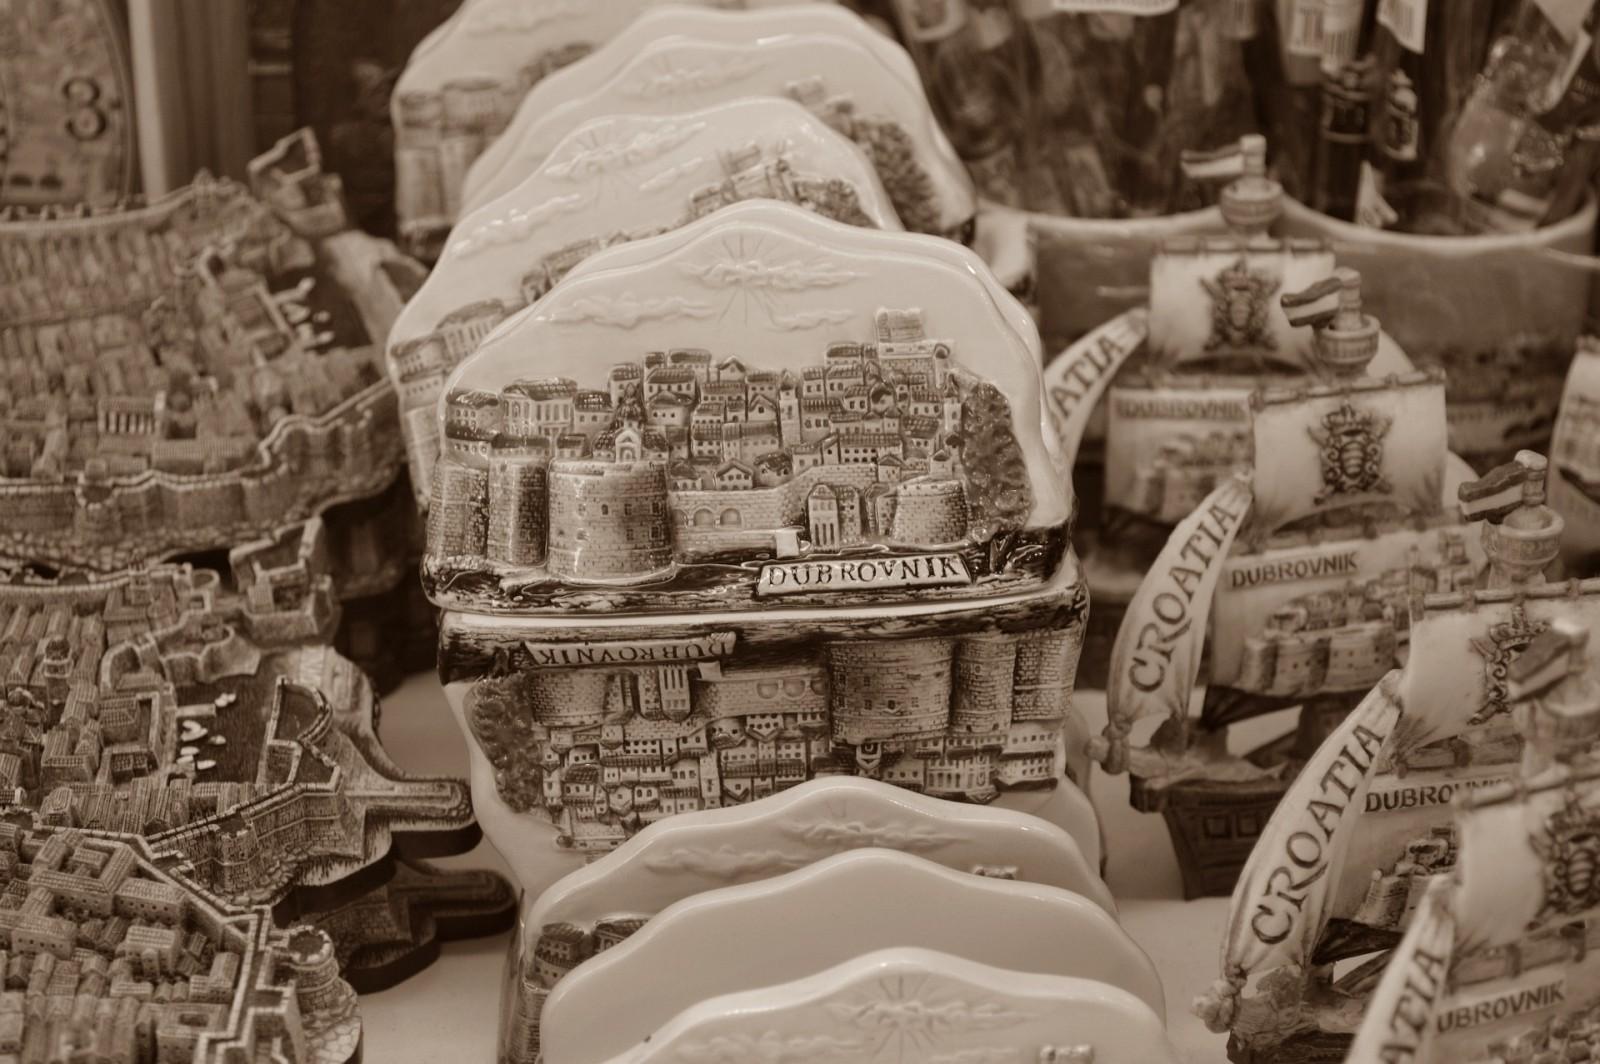 JAVNI NATJEČAJ za davanje u zakup javih površina (štandovi, banci, stolići, prodaja slika i rukotvorina, info pultovi)